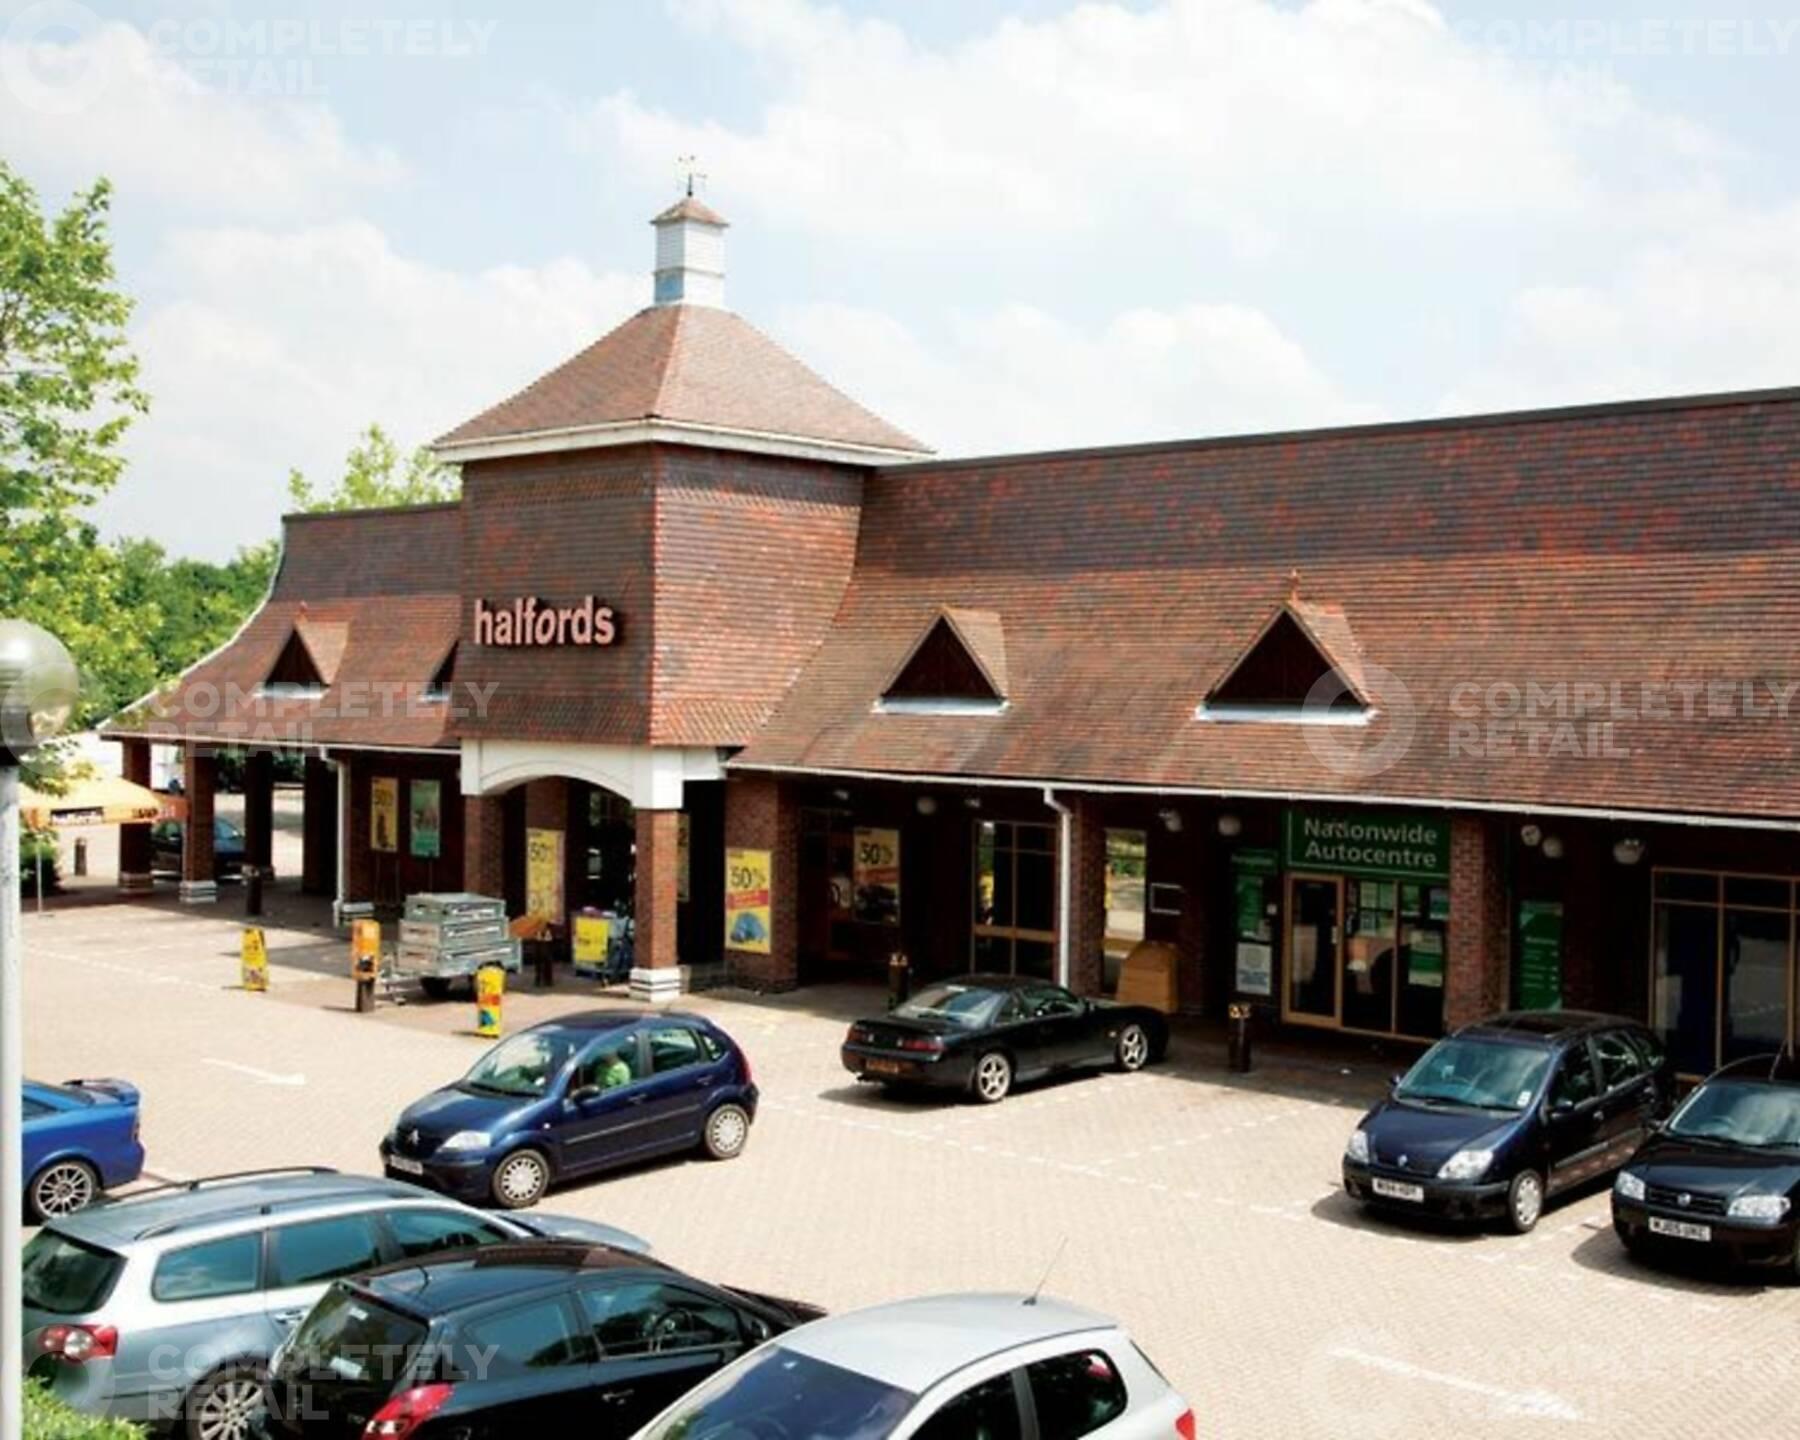 Broadbridge Heath Retail Park